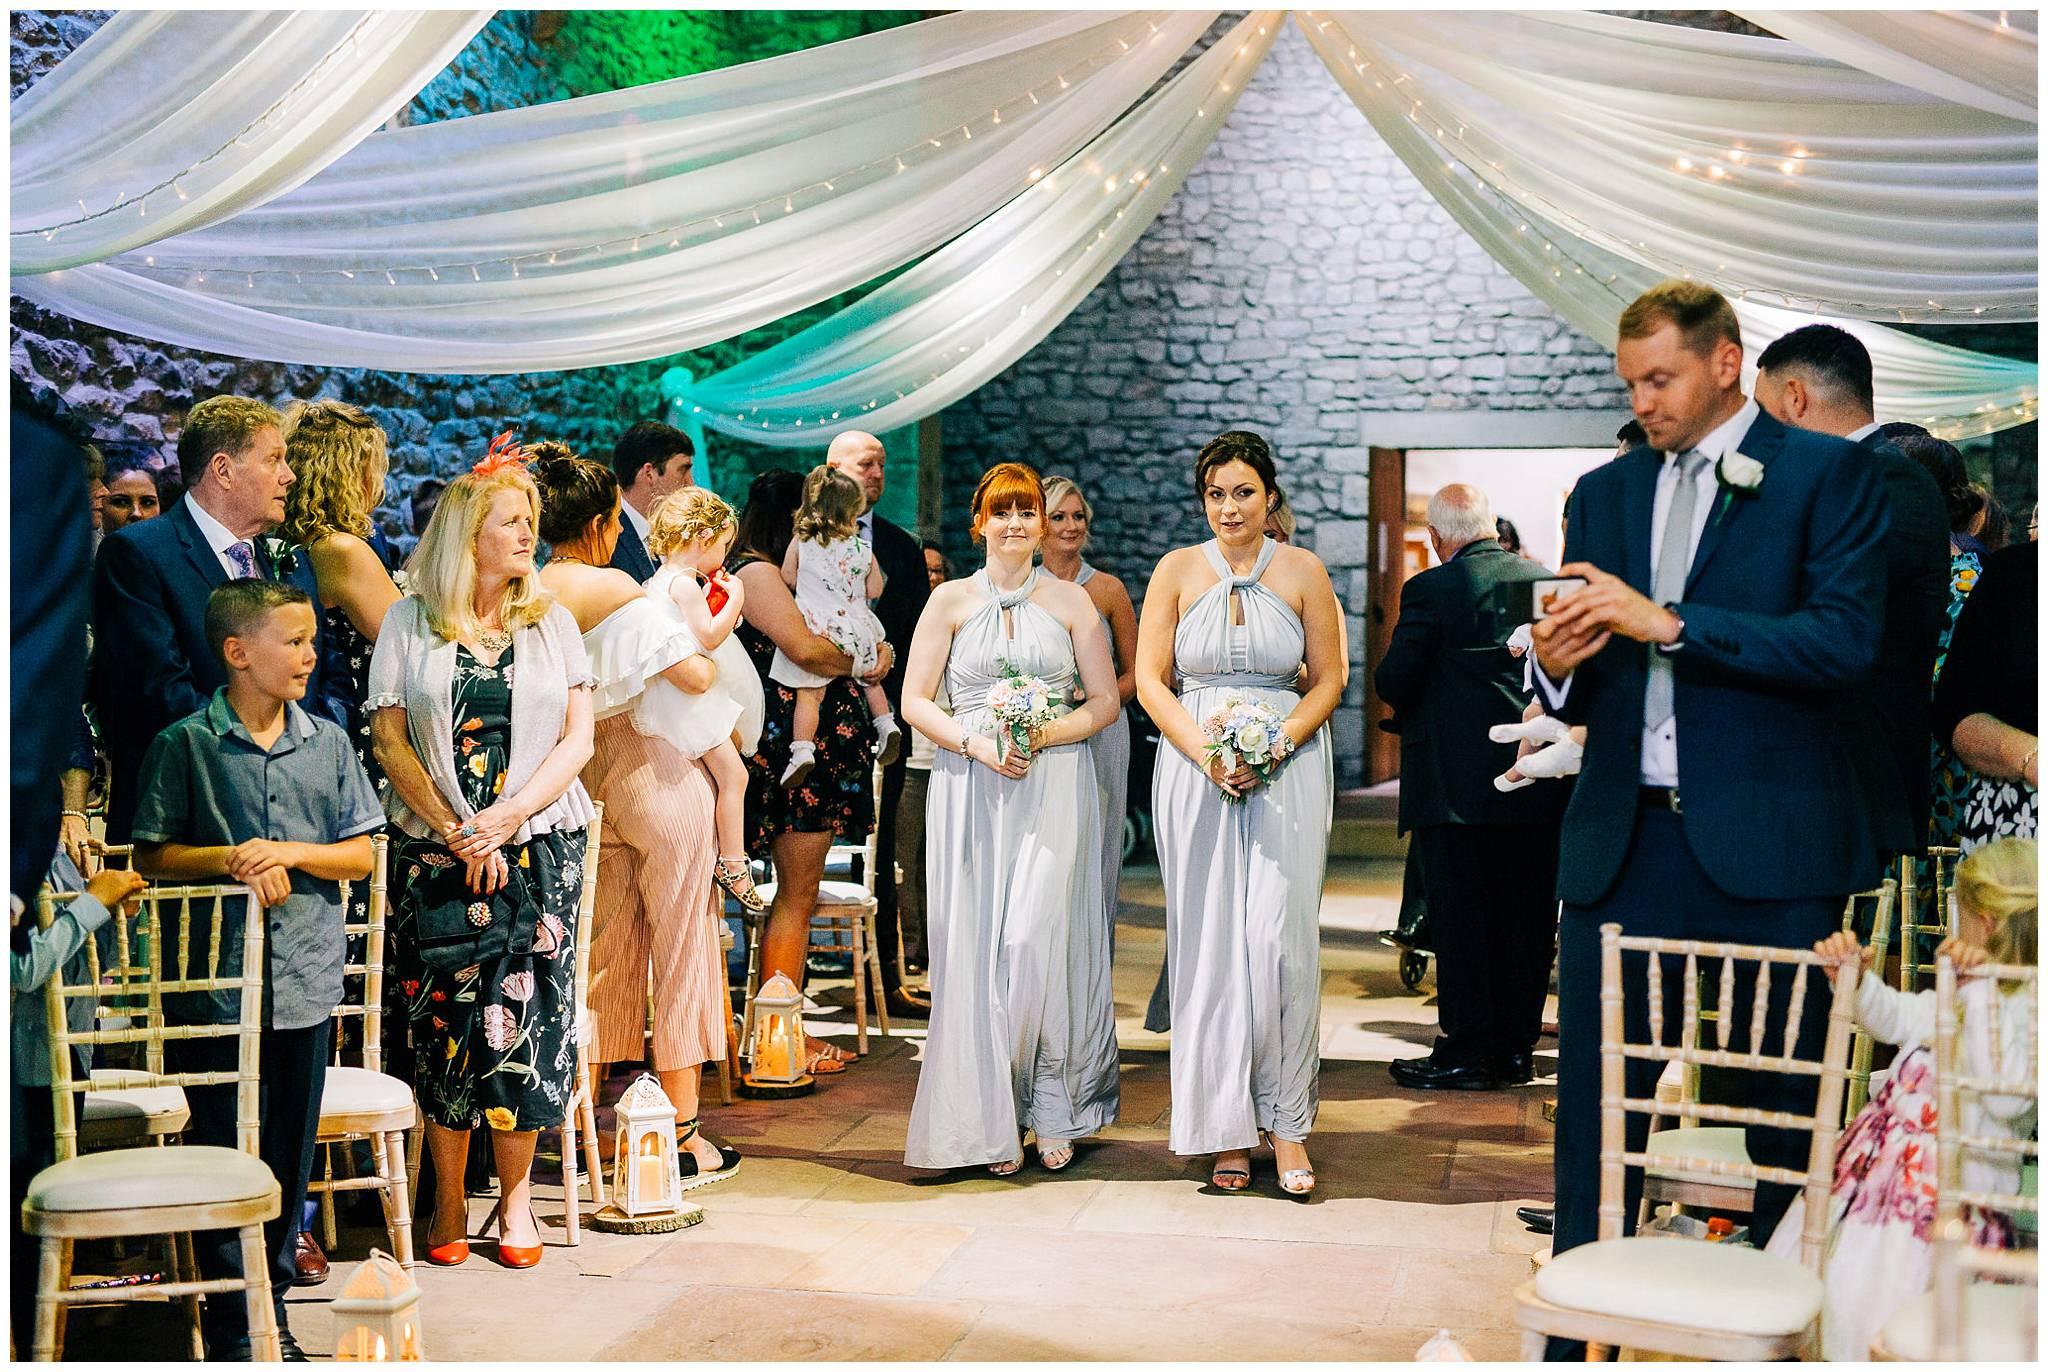 4 bridesmaids walking down the aisle at browsholme tithe barn